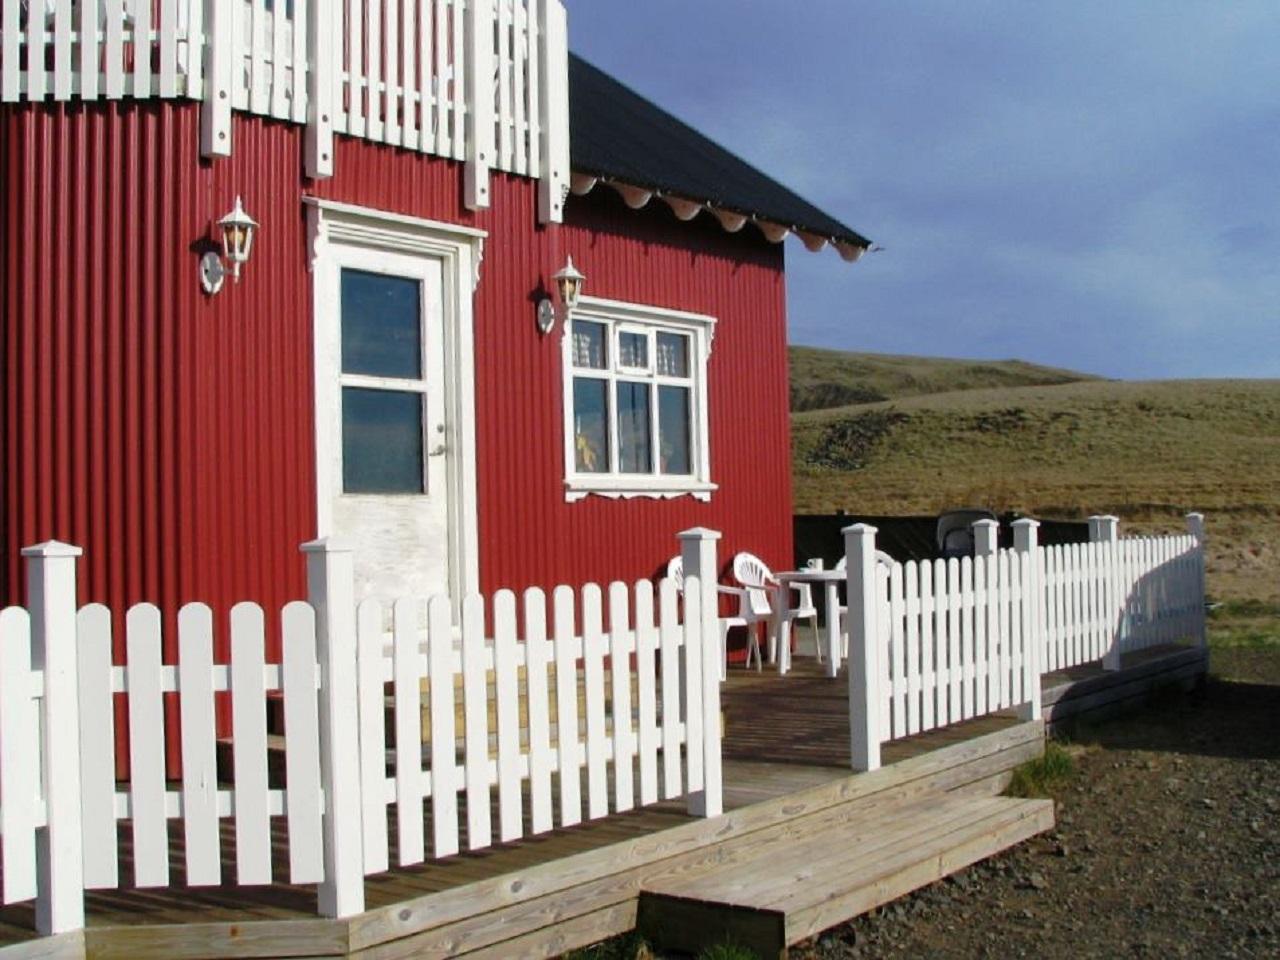 大自然の中の小さな家に泊まる体験も、アイスランド旅行の思い出になる